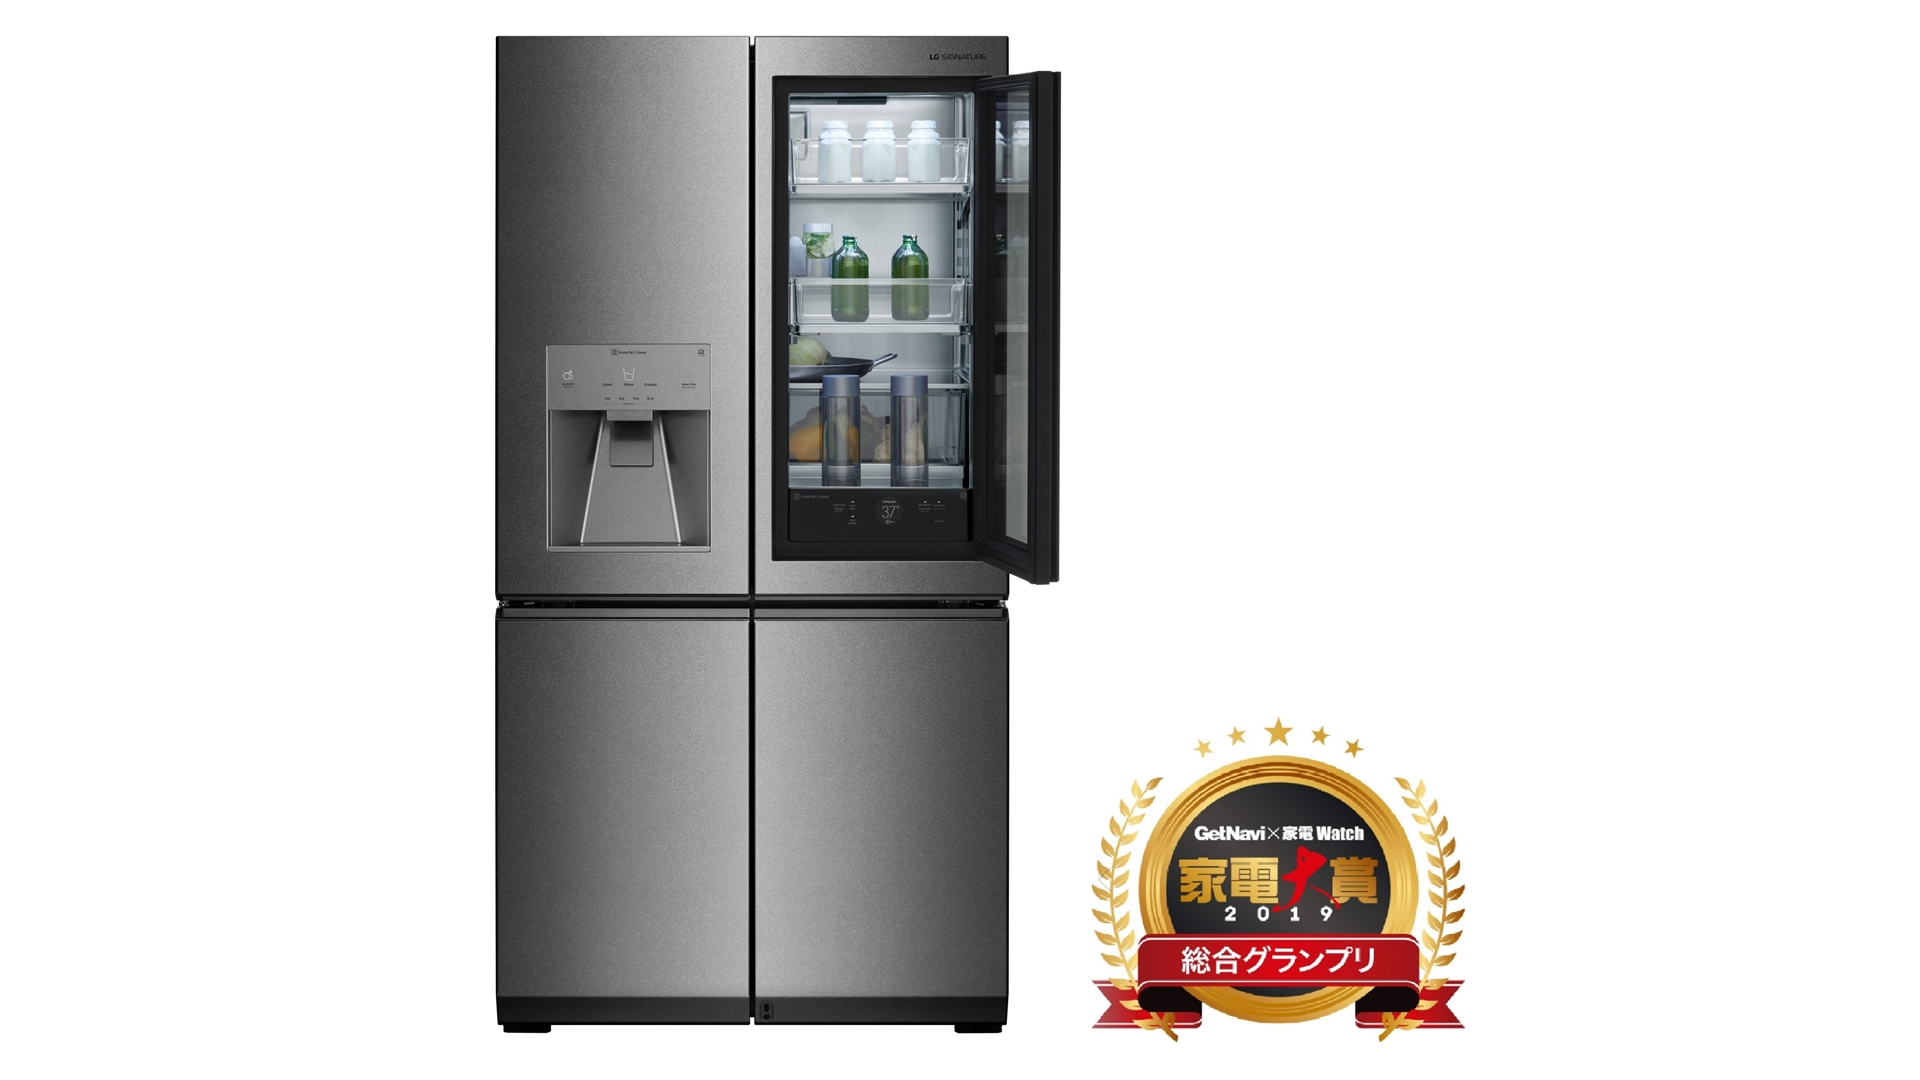 LG전자의 LG 시그니처 냉장고(제품명: GR-Q23FGNGL)가 지난 10일 일본 '가전대상 2019(家電大賞 2019)'에서 최고 제품상을 받으며 차별화된 기술과 디자인을 인정받았다.